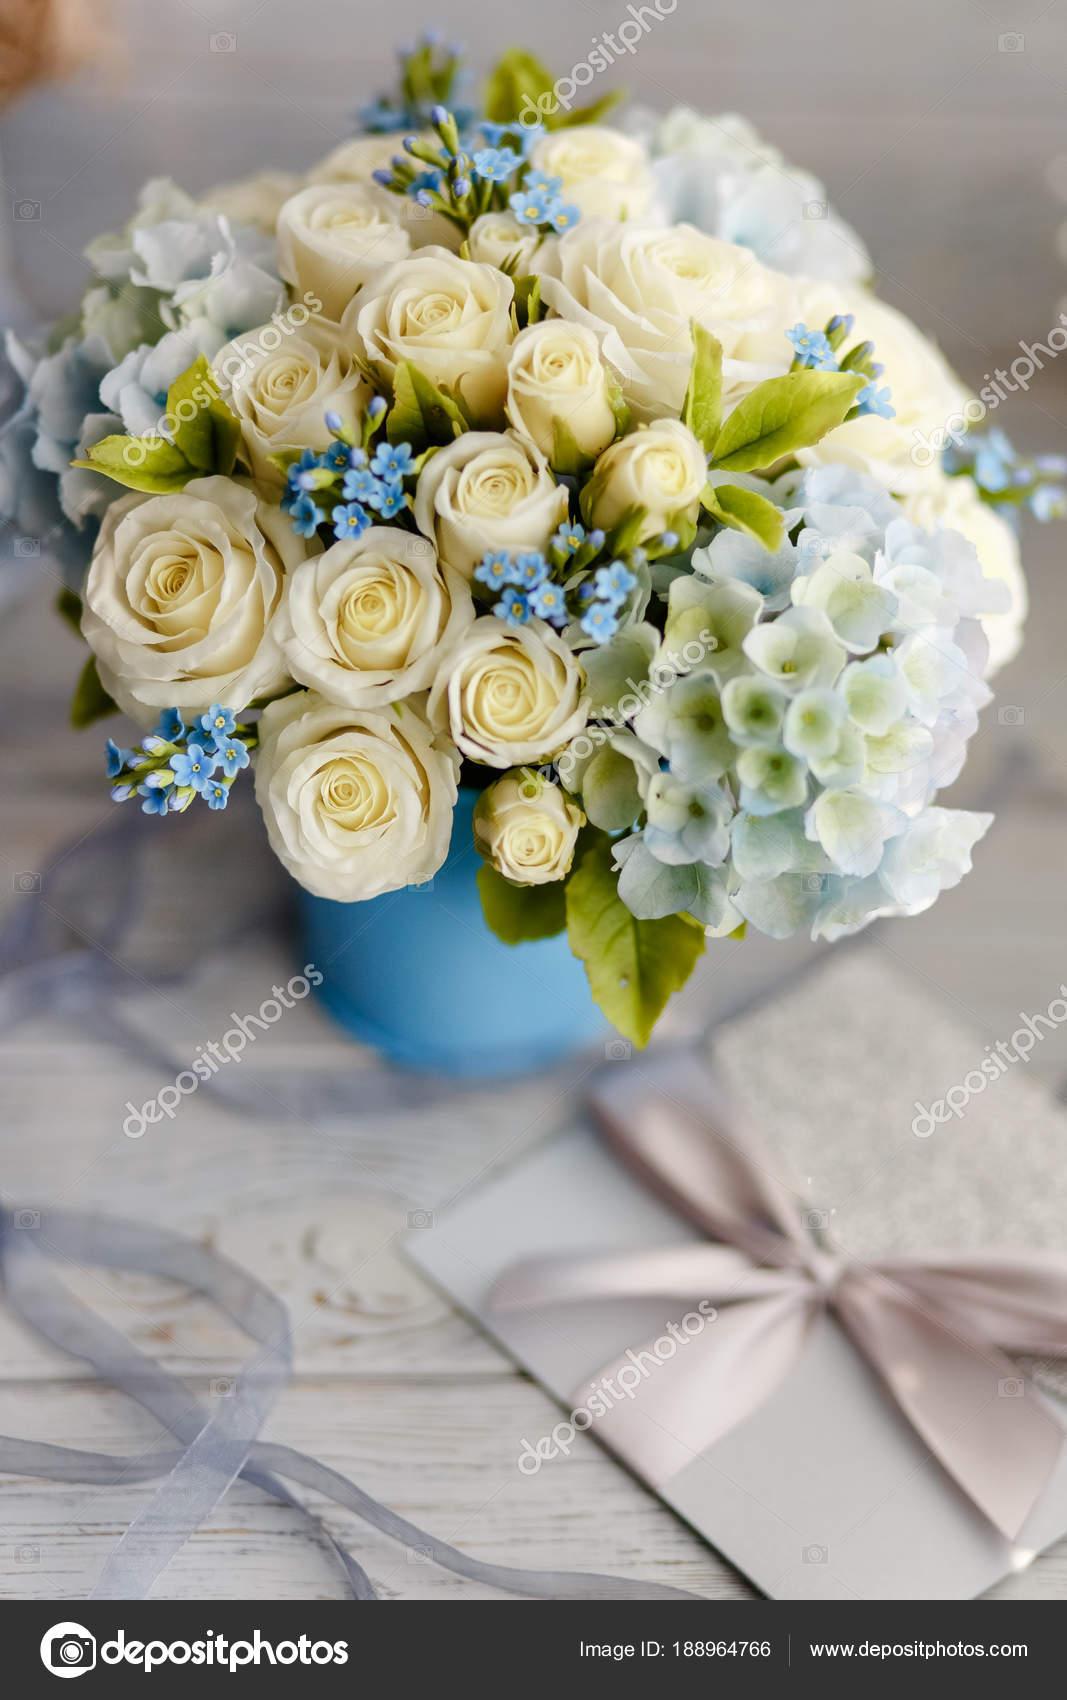 Matrimonio In Bianco : Profumo primavera squisito fiori matrimonio bianco blu addobbi